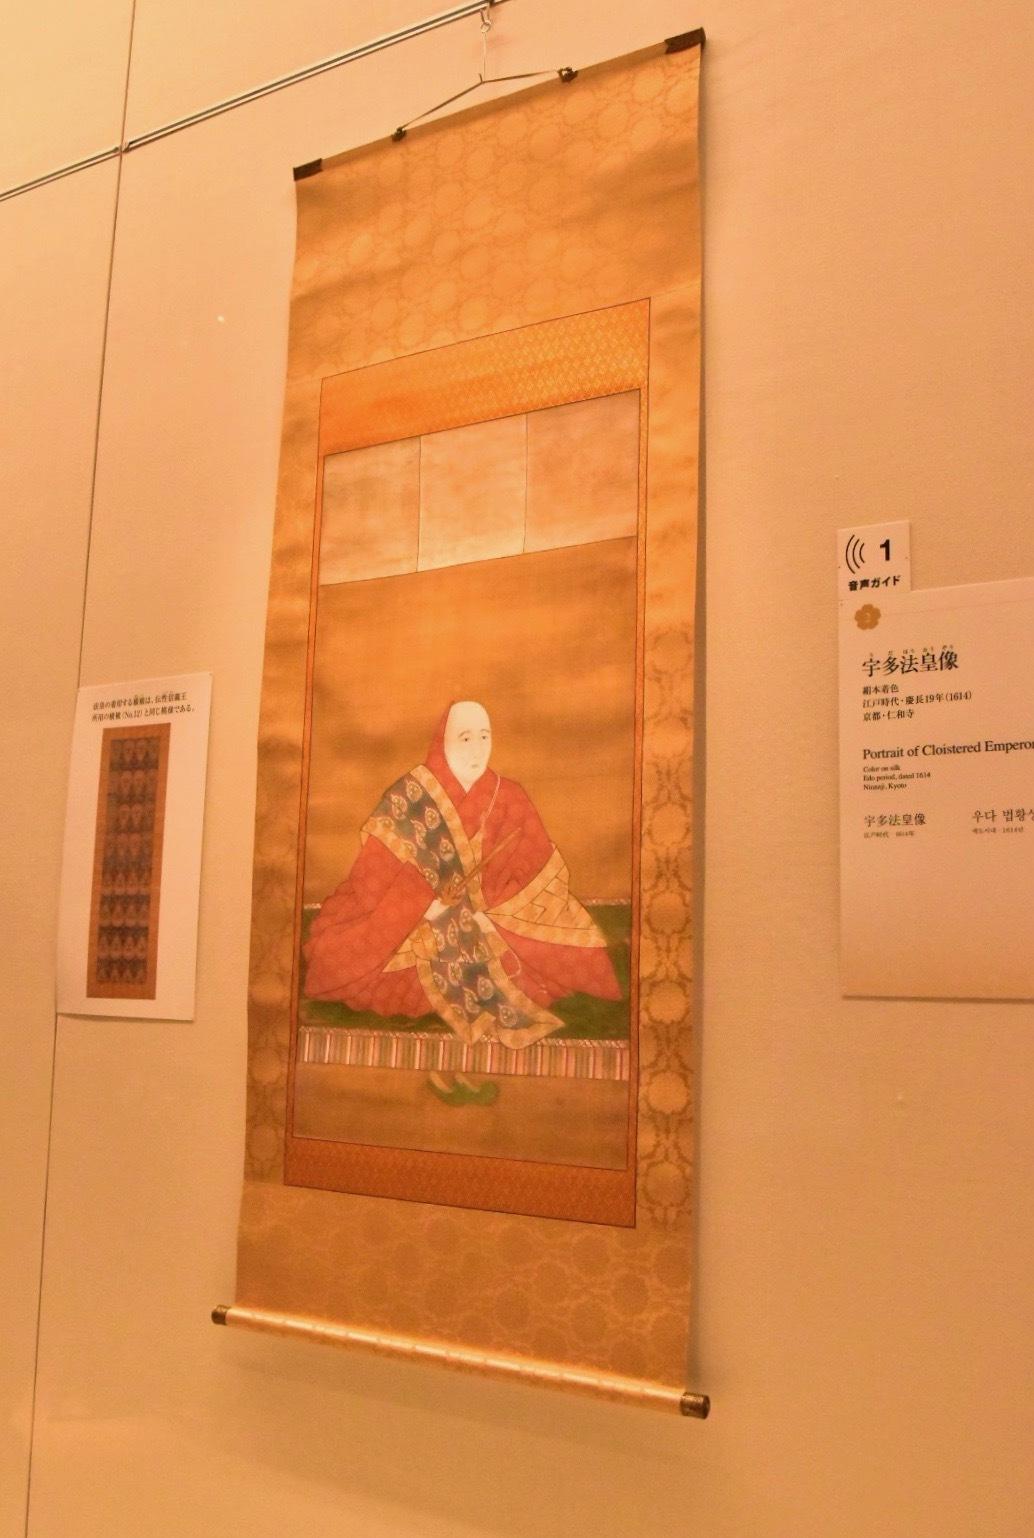 宇多法皇像 江戸時代 慶長19年(1614) 京都・仁和寺